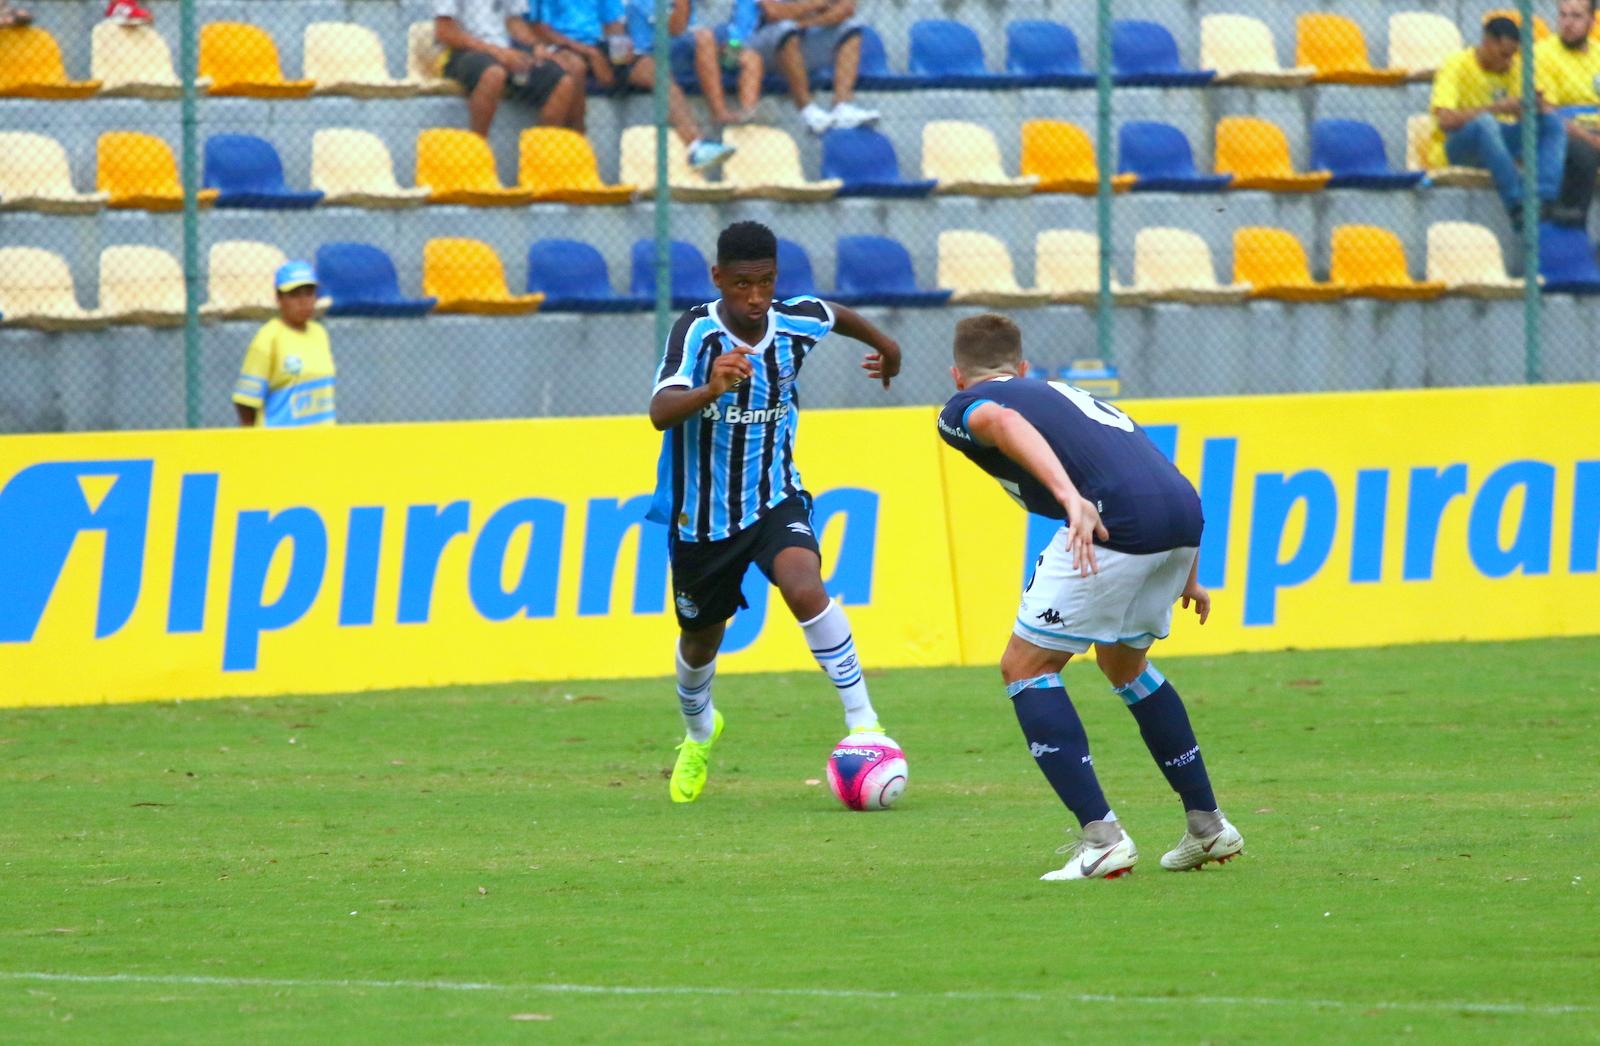 de119c8e50f Grêmio abre disputa da Copa Ipiranga Sub-20 com empate diante do Racing-ARG